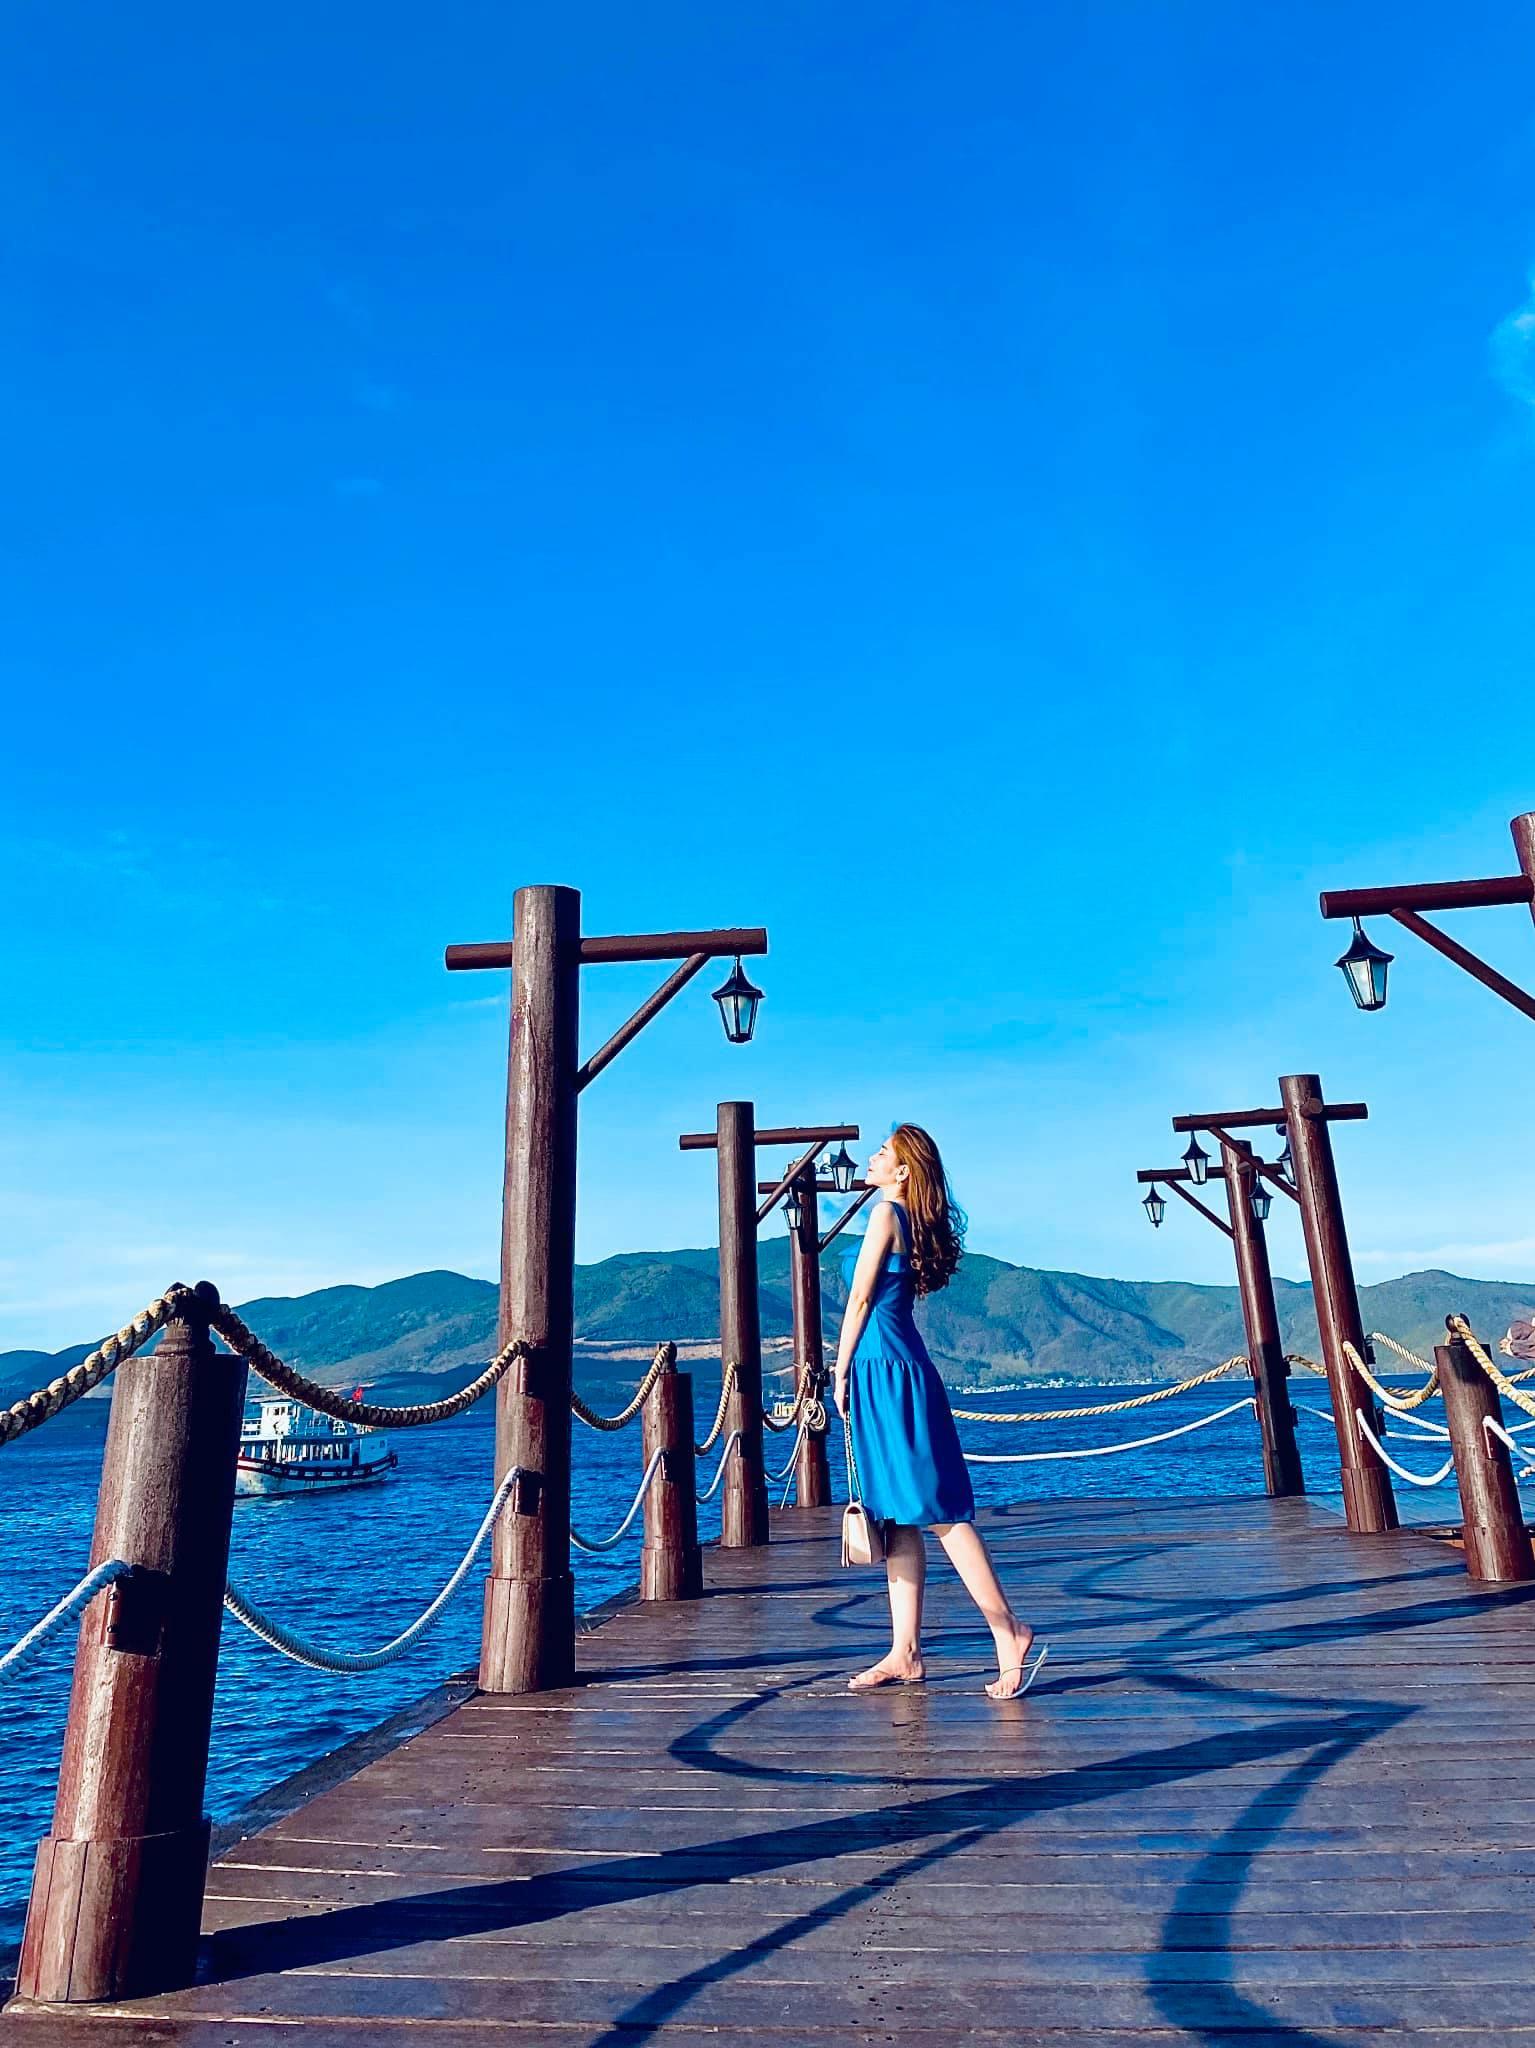 Tour du lịch Nha Trang khởi hành từ Hà Nội: Giảm giá sốc nhiều gói tour trong dịp hè này  - Ảnh 18.